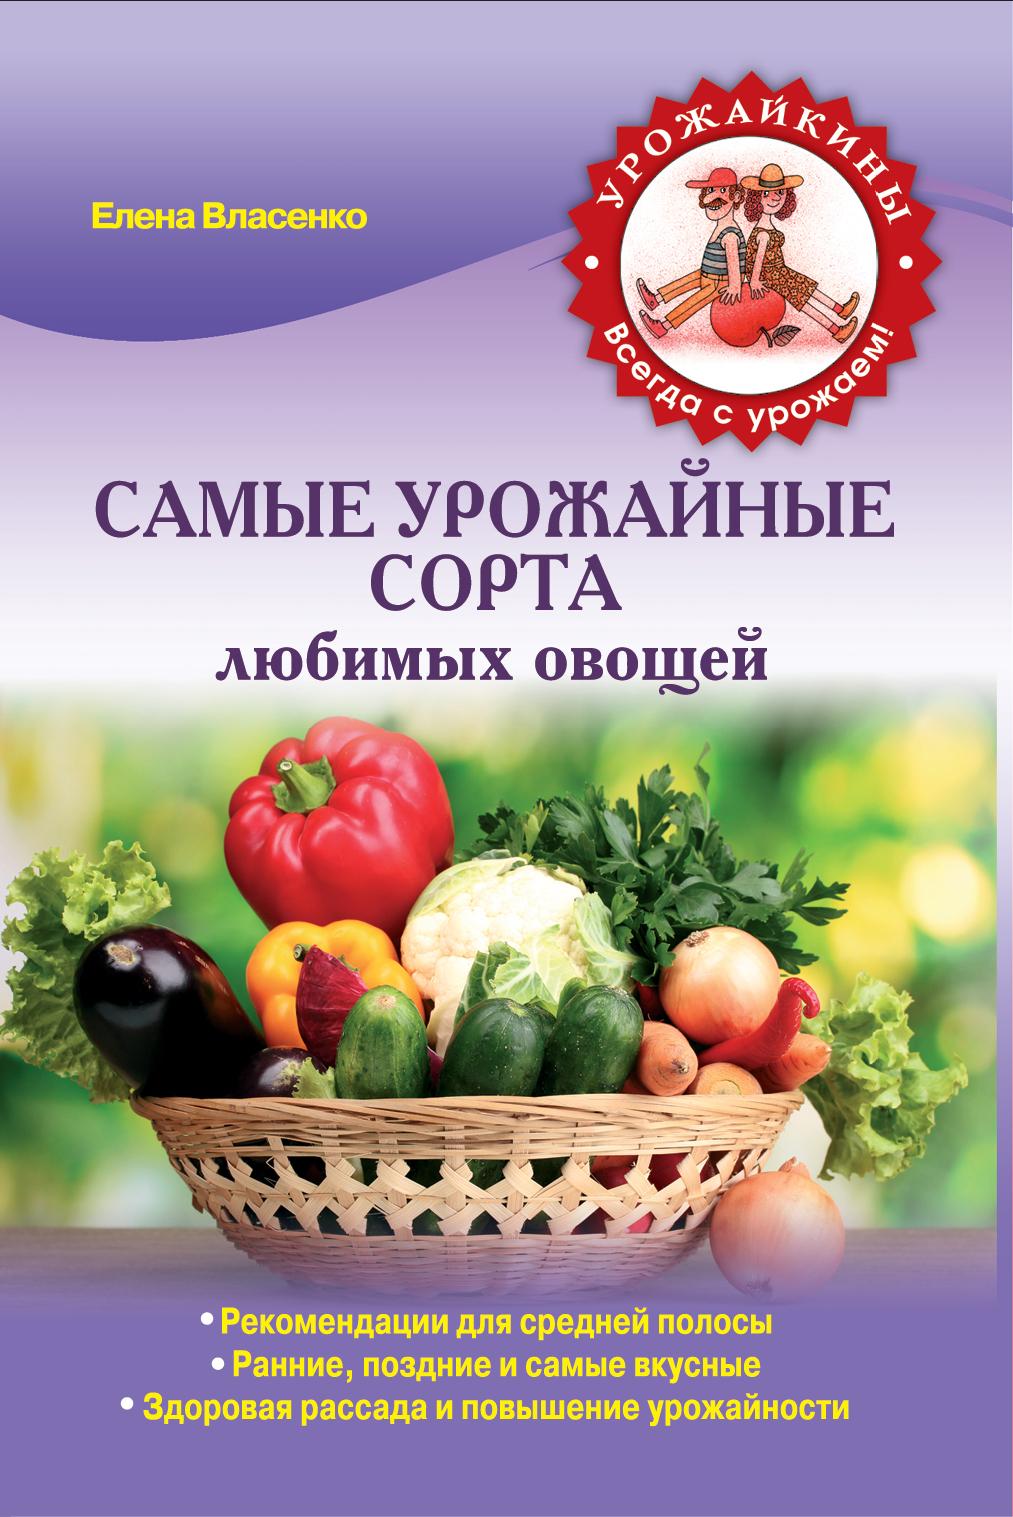 Власенко Е.А. Самые урожайные сорта любимых овощей (Урожайкины. Всегда с урожаем (обложка)) какие сорта самоопыляемых огурцов длядачи